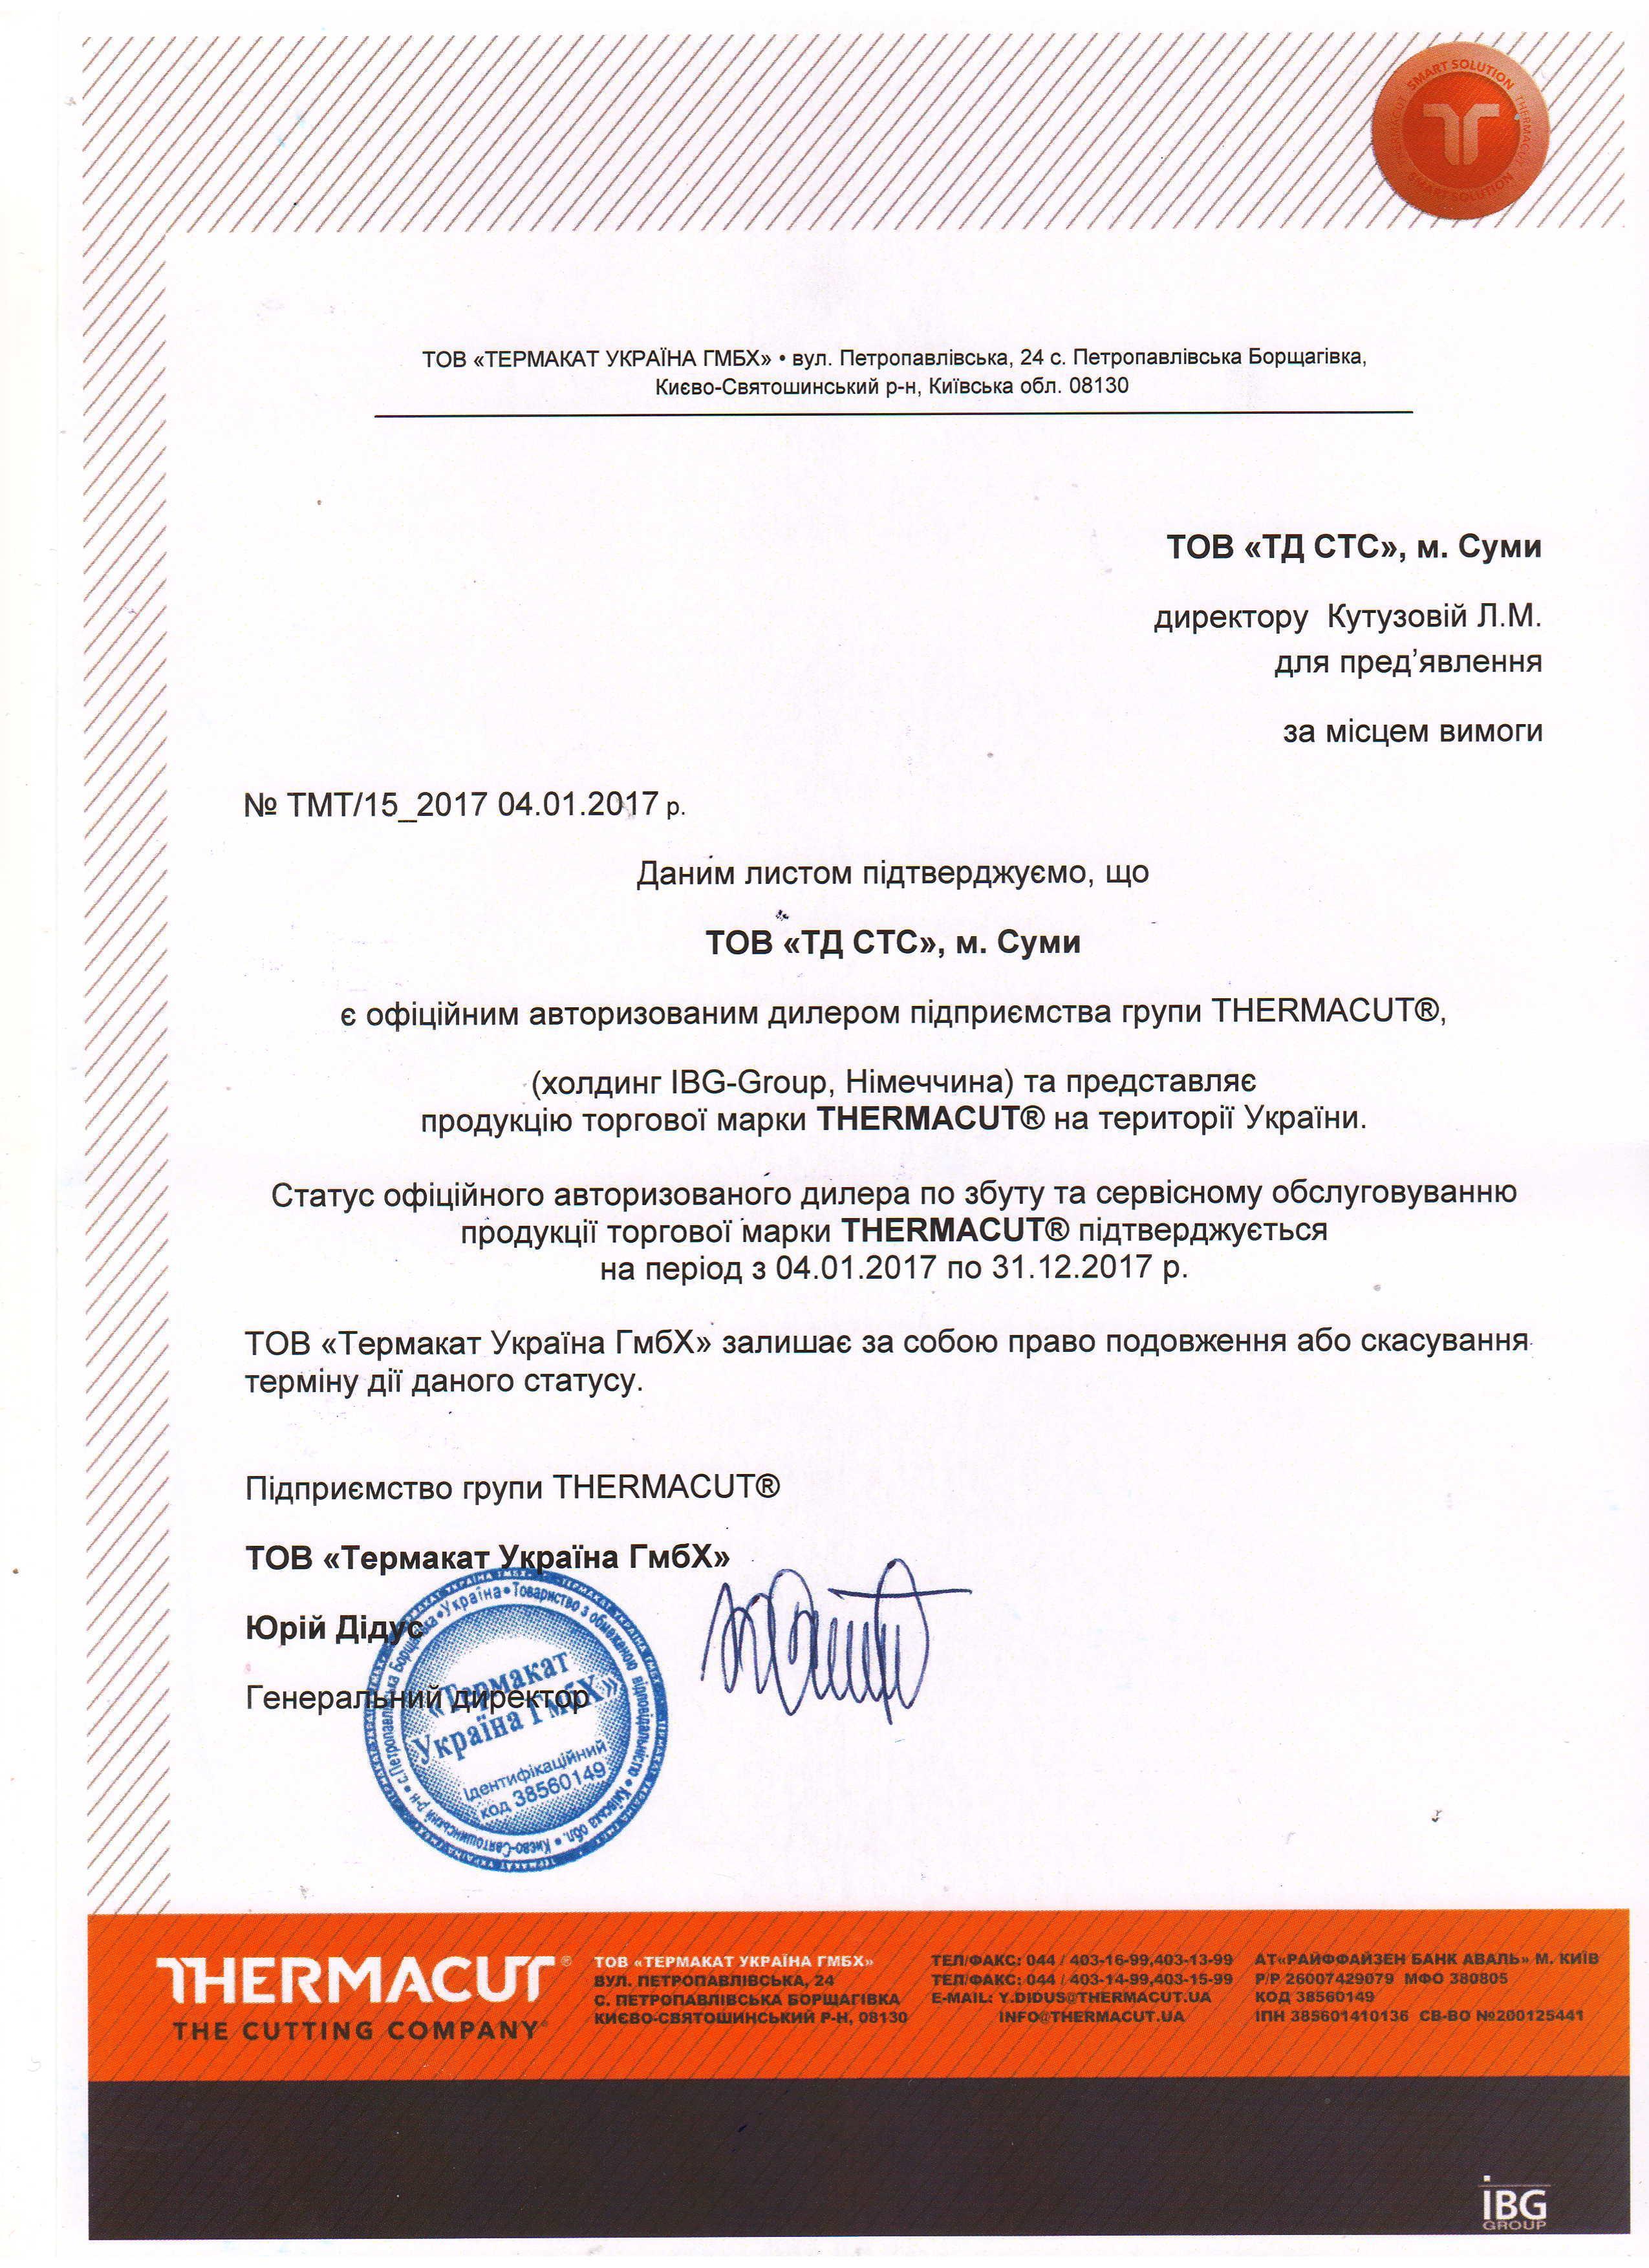 Сертификат диллерства ТОВ ТД СТС с Thermacut